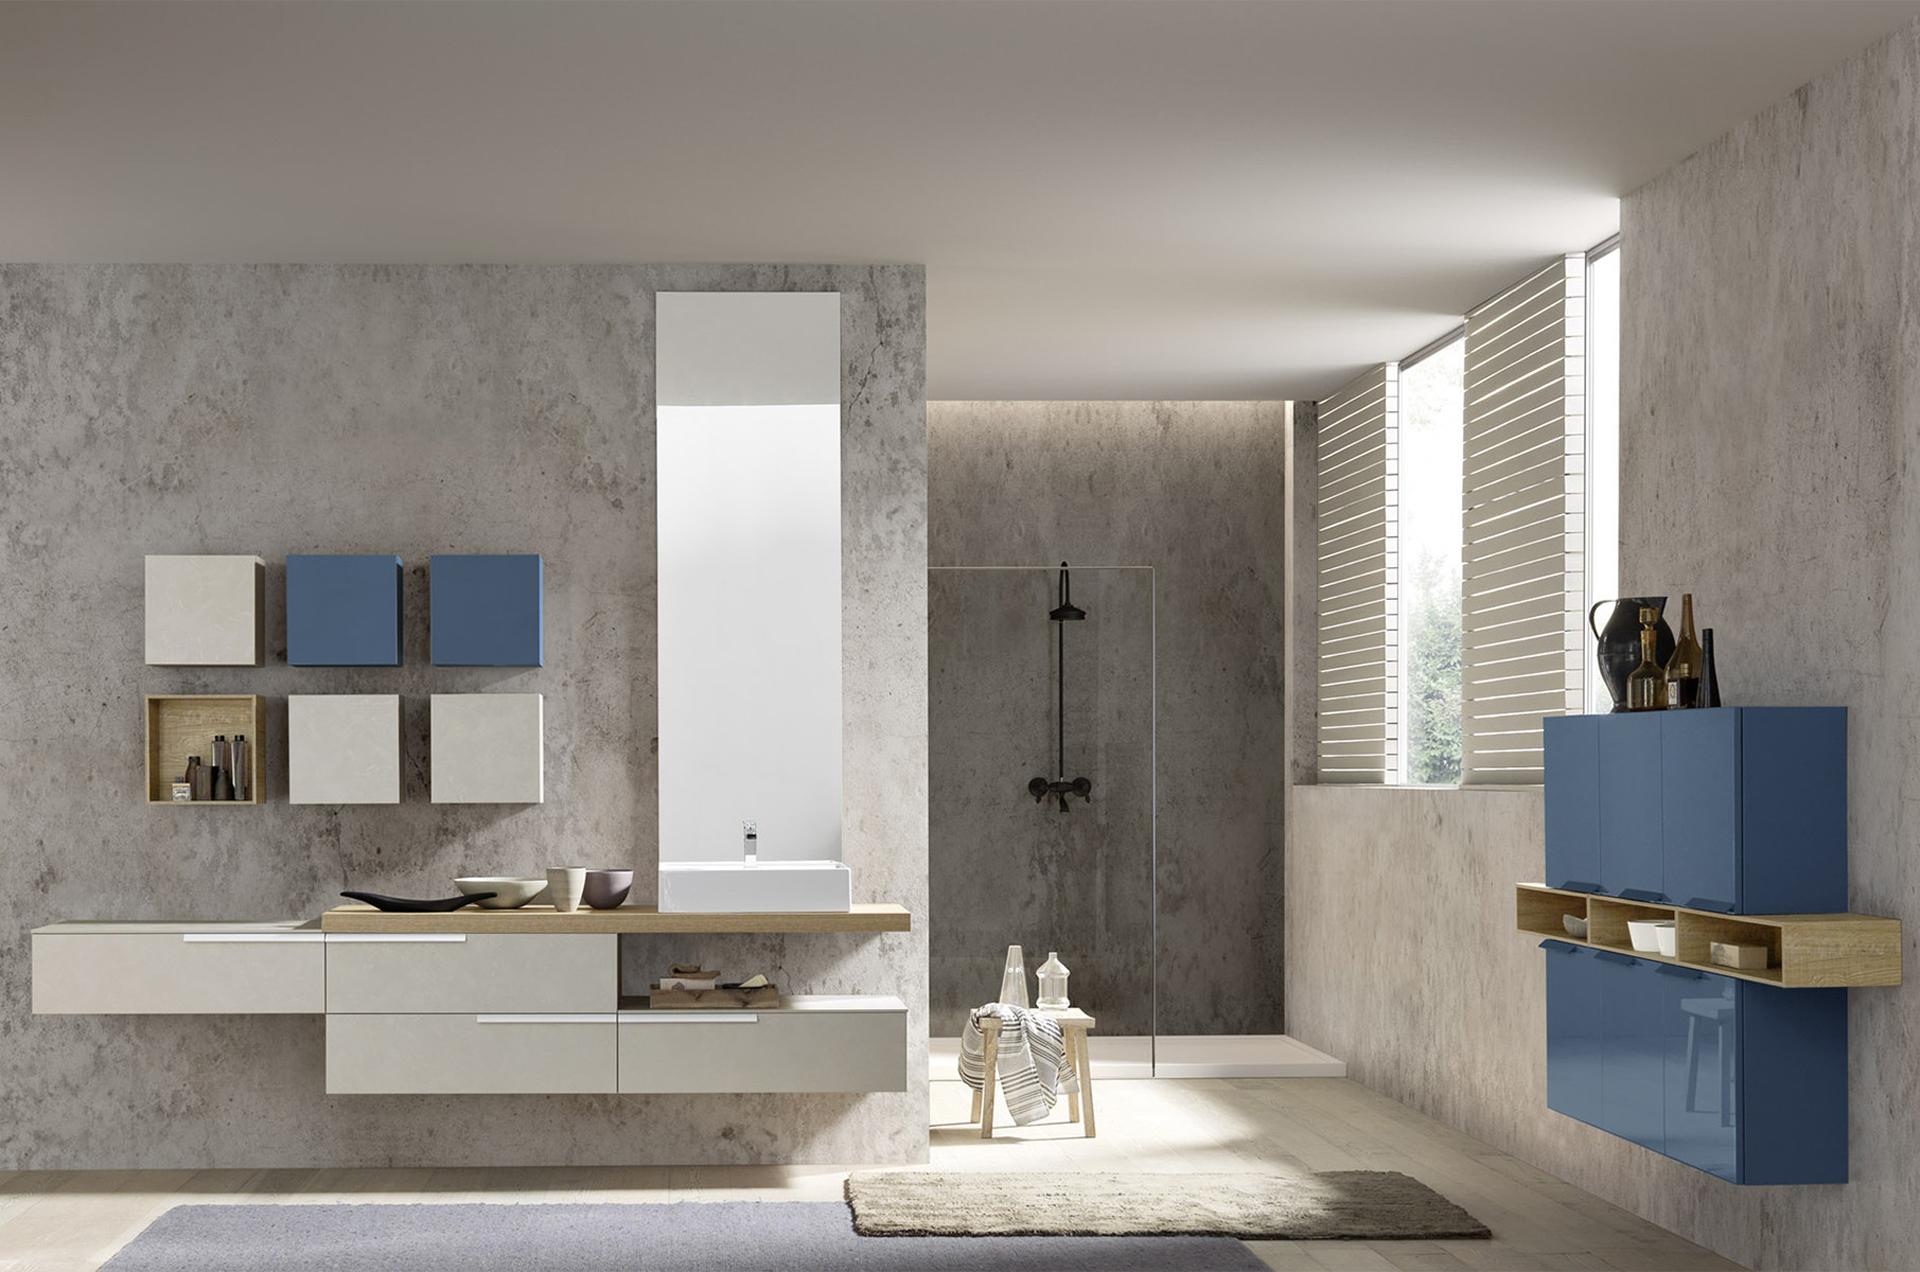 Beige E Grigio Arredamento progettazione e arredamento bagni moderni | mtm arreda gatteo